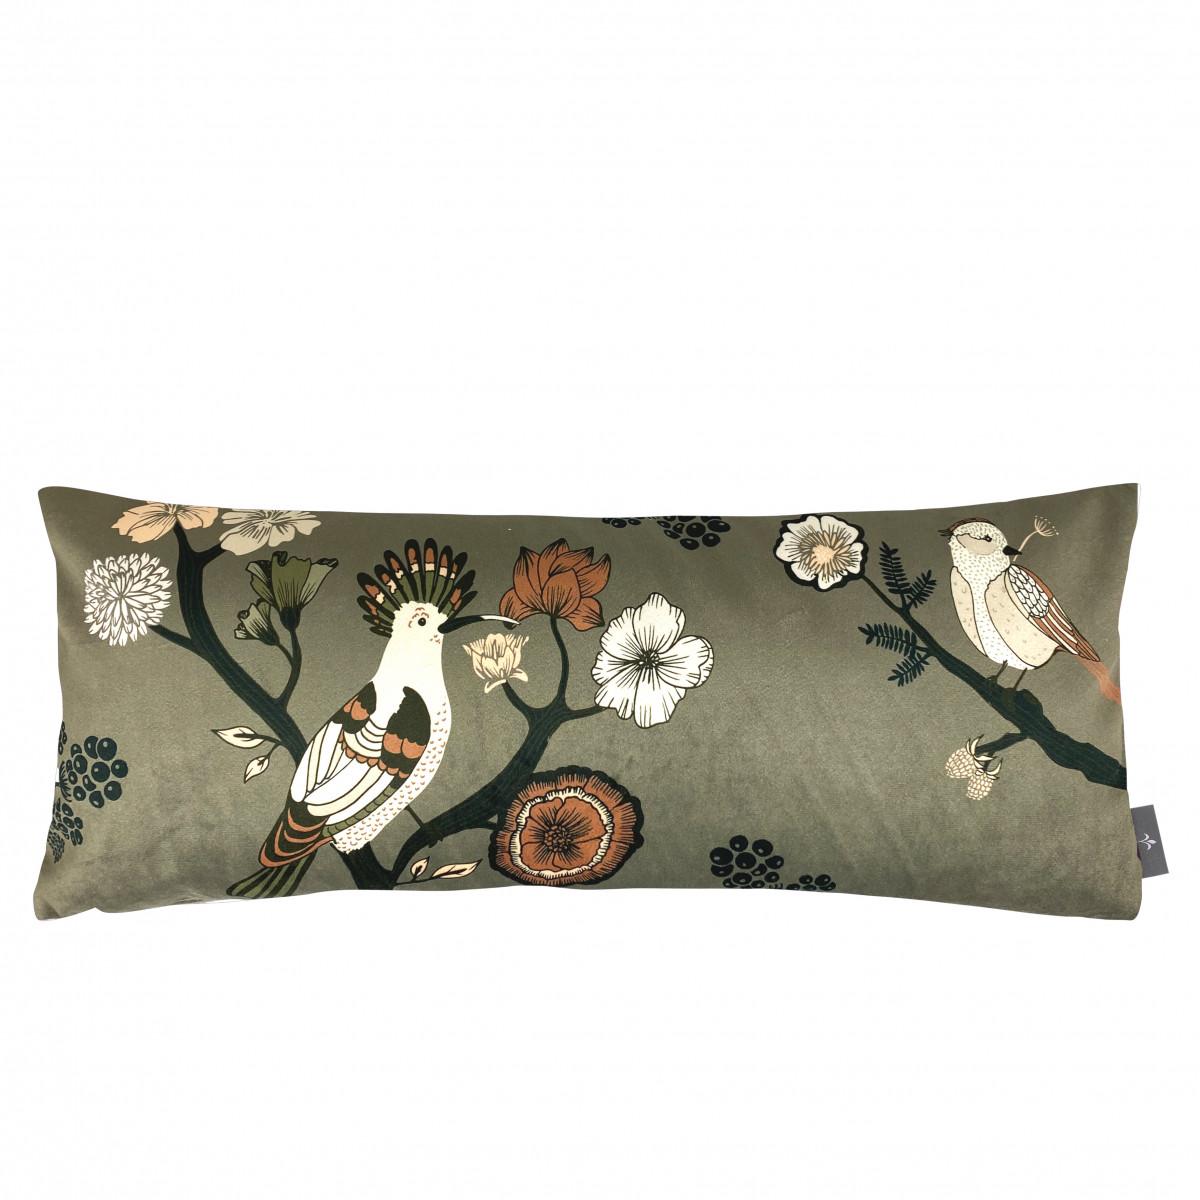 Coussin imprimé les oiseaux made in france vert 25x60